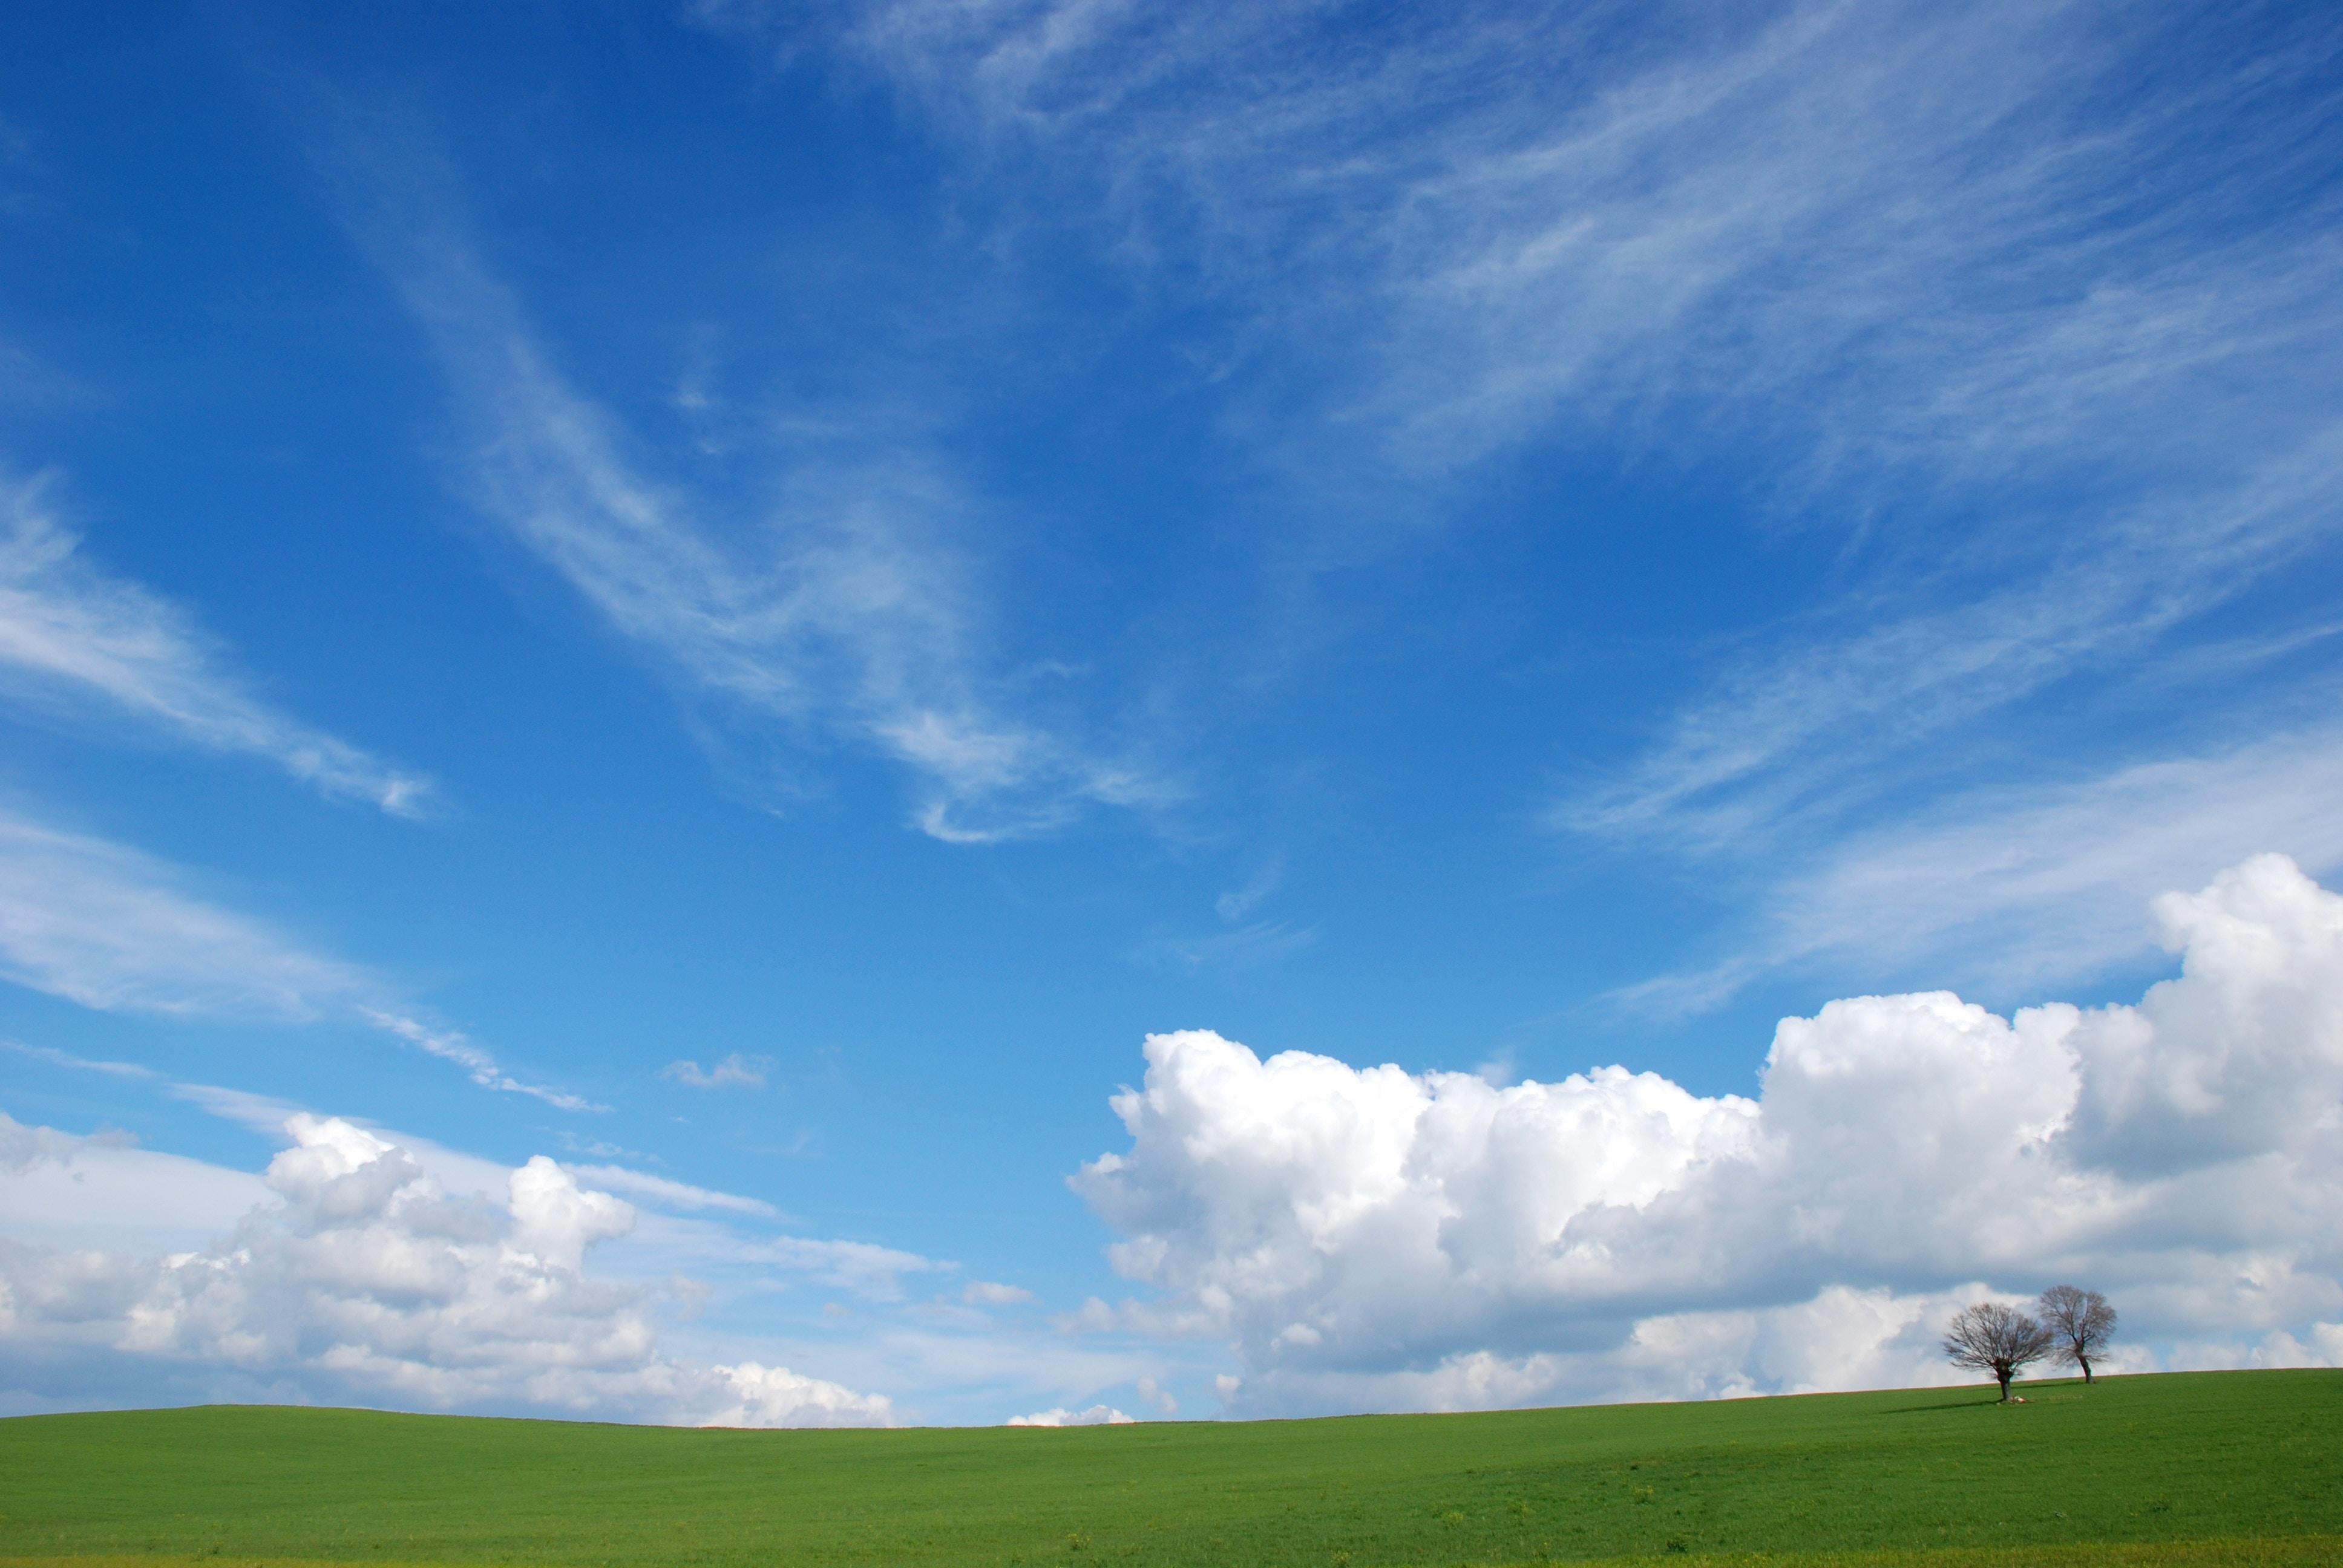 Paesaggio della Maremma Toscana vicino a Saturnia, cielo nuvole e prato verde